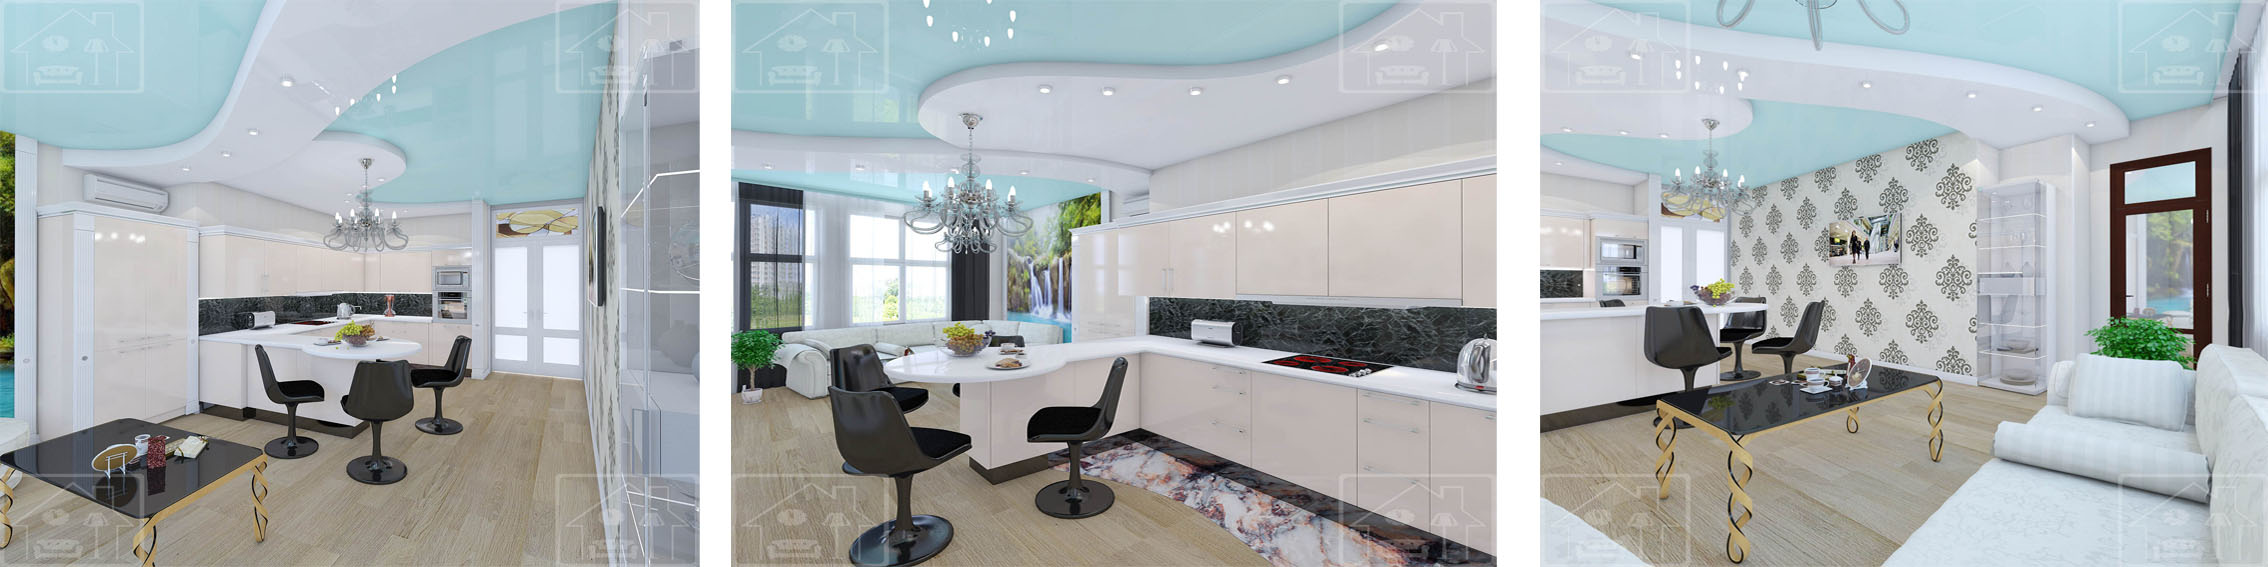 Кухня в современном стиле 4-х комнатная кв_Мичуринский проспект